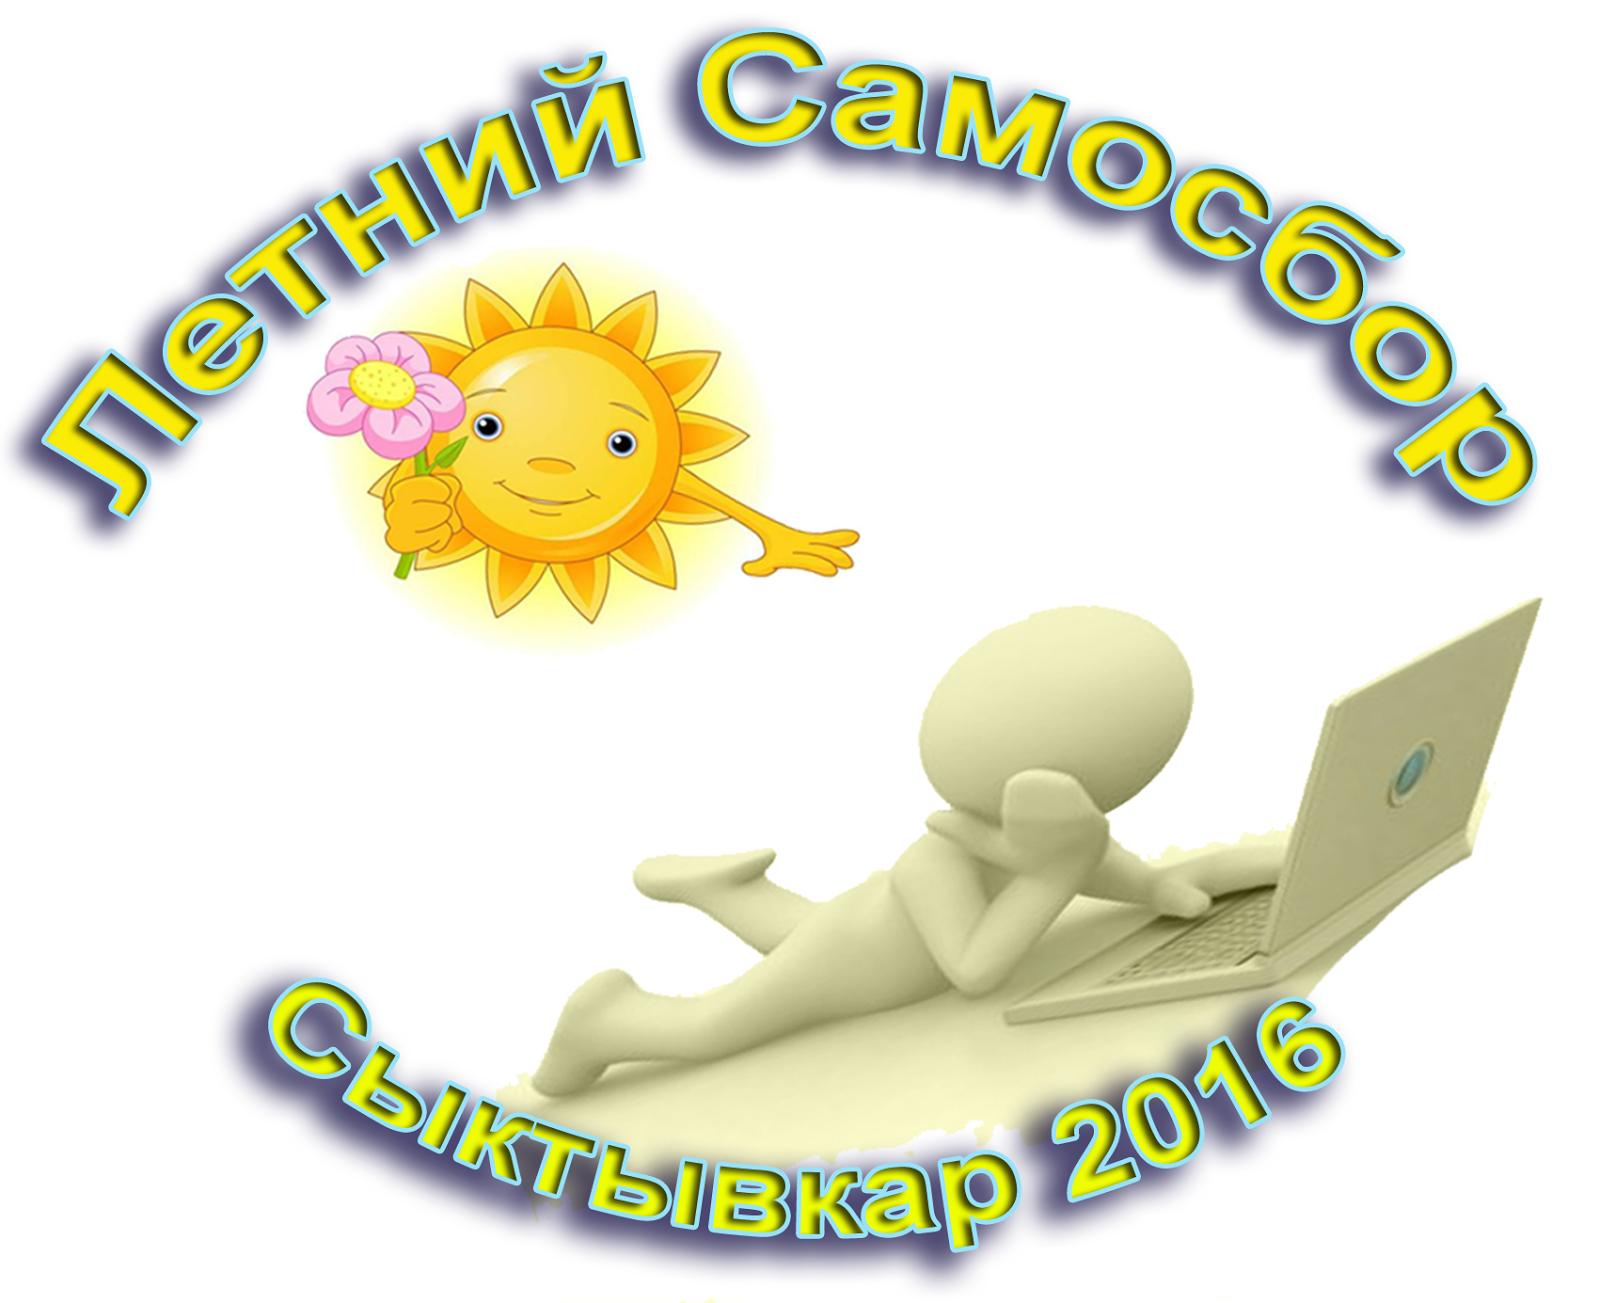 Летний Самосбор-2016 (архив)